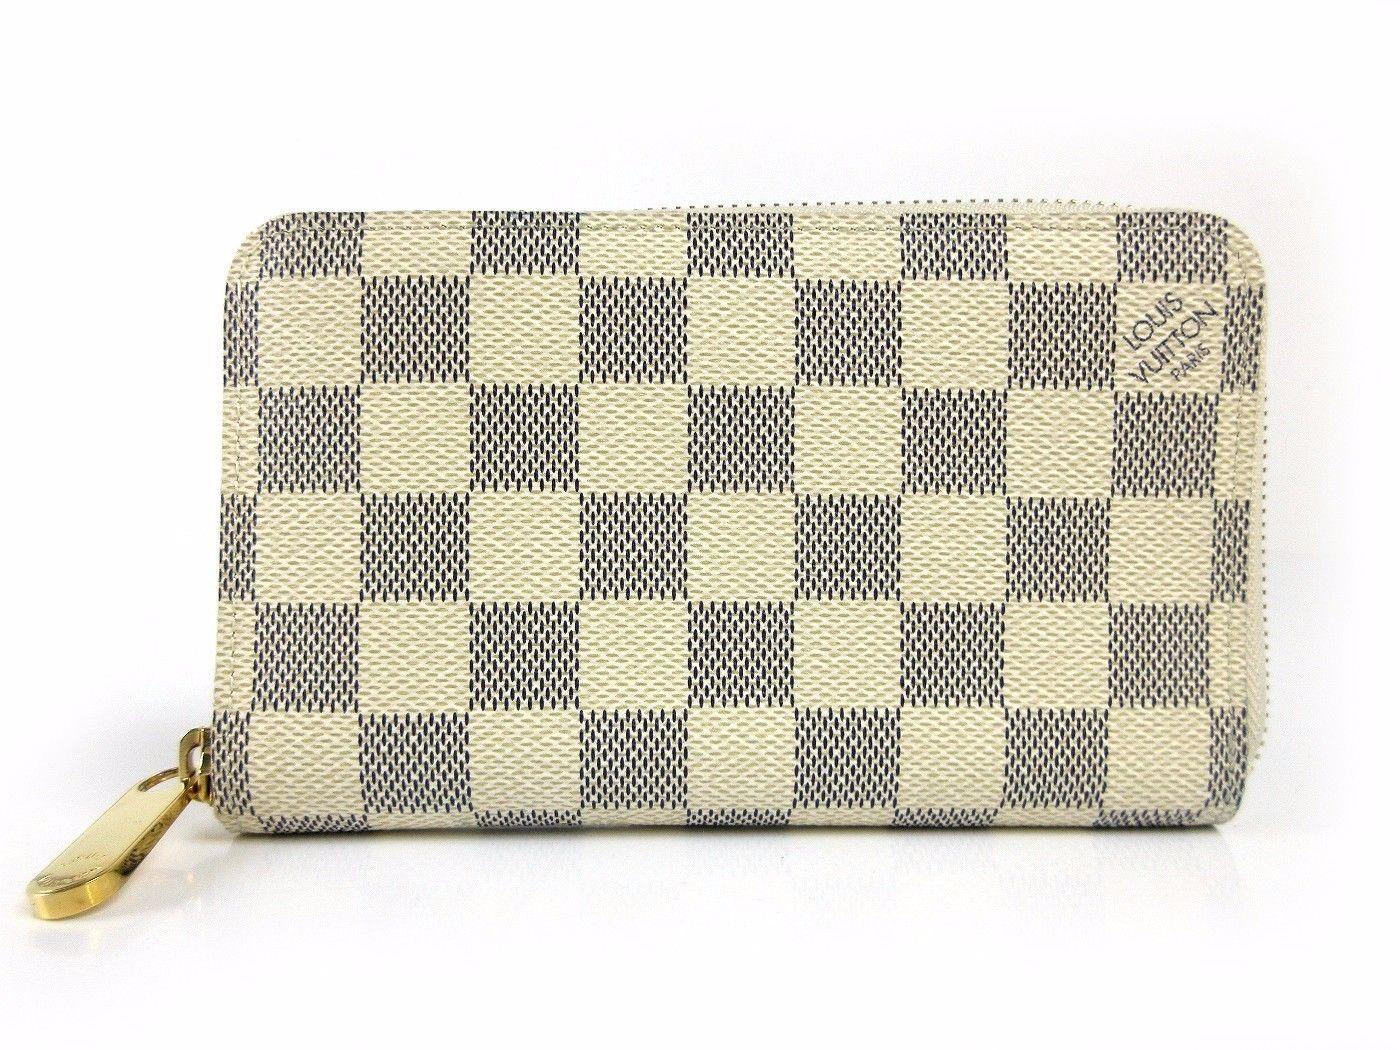 Auth Louis Vuitton Damier Azur Zippy Compact Wallet N60029 Great Dust Bag 36694